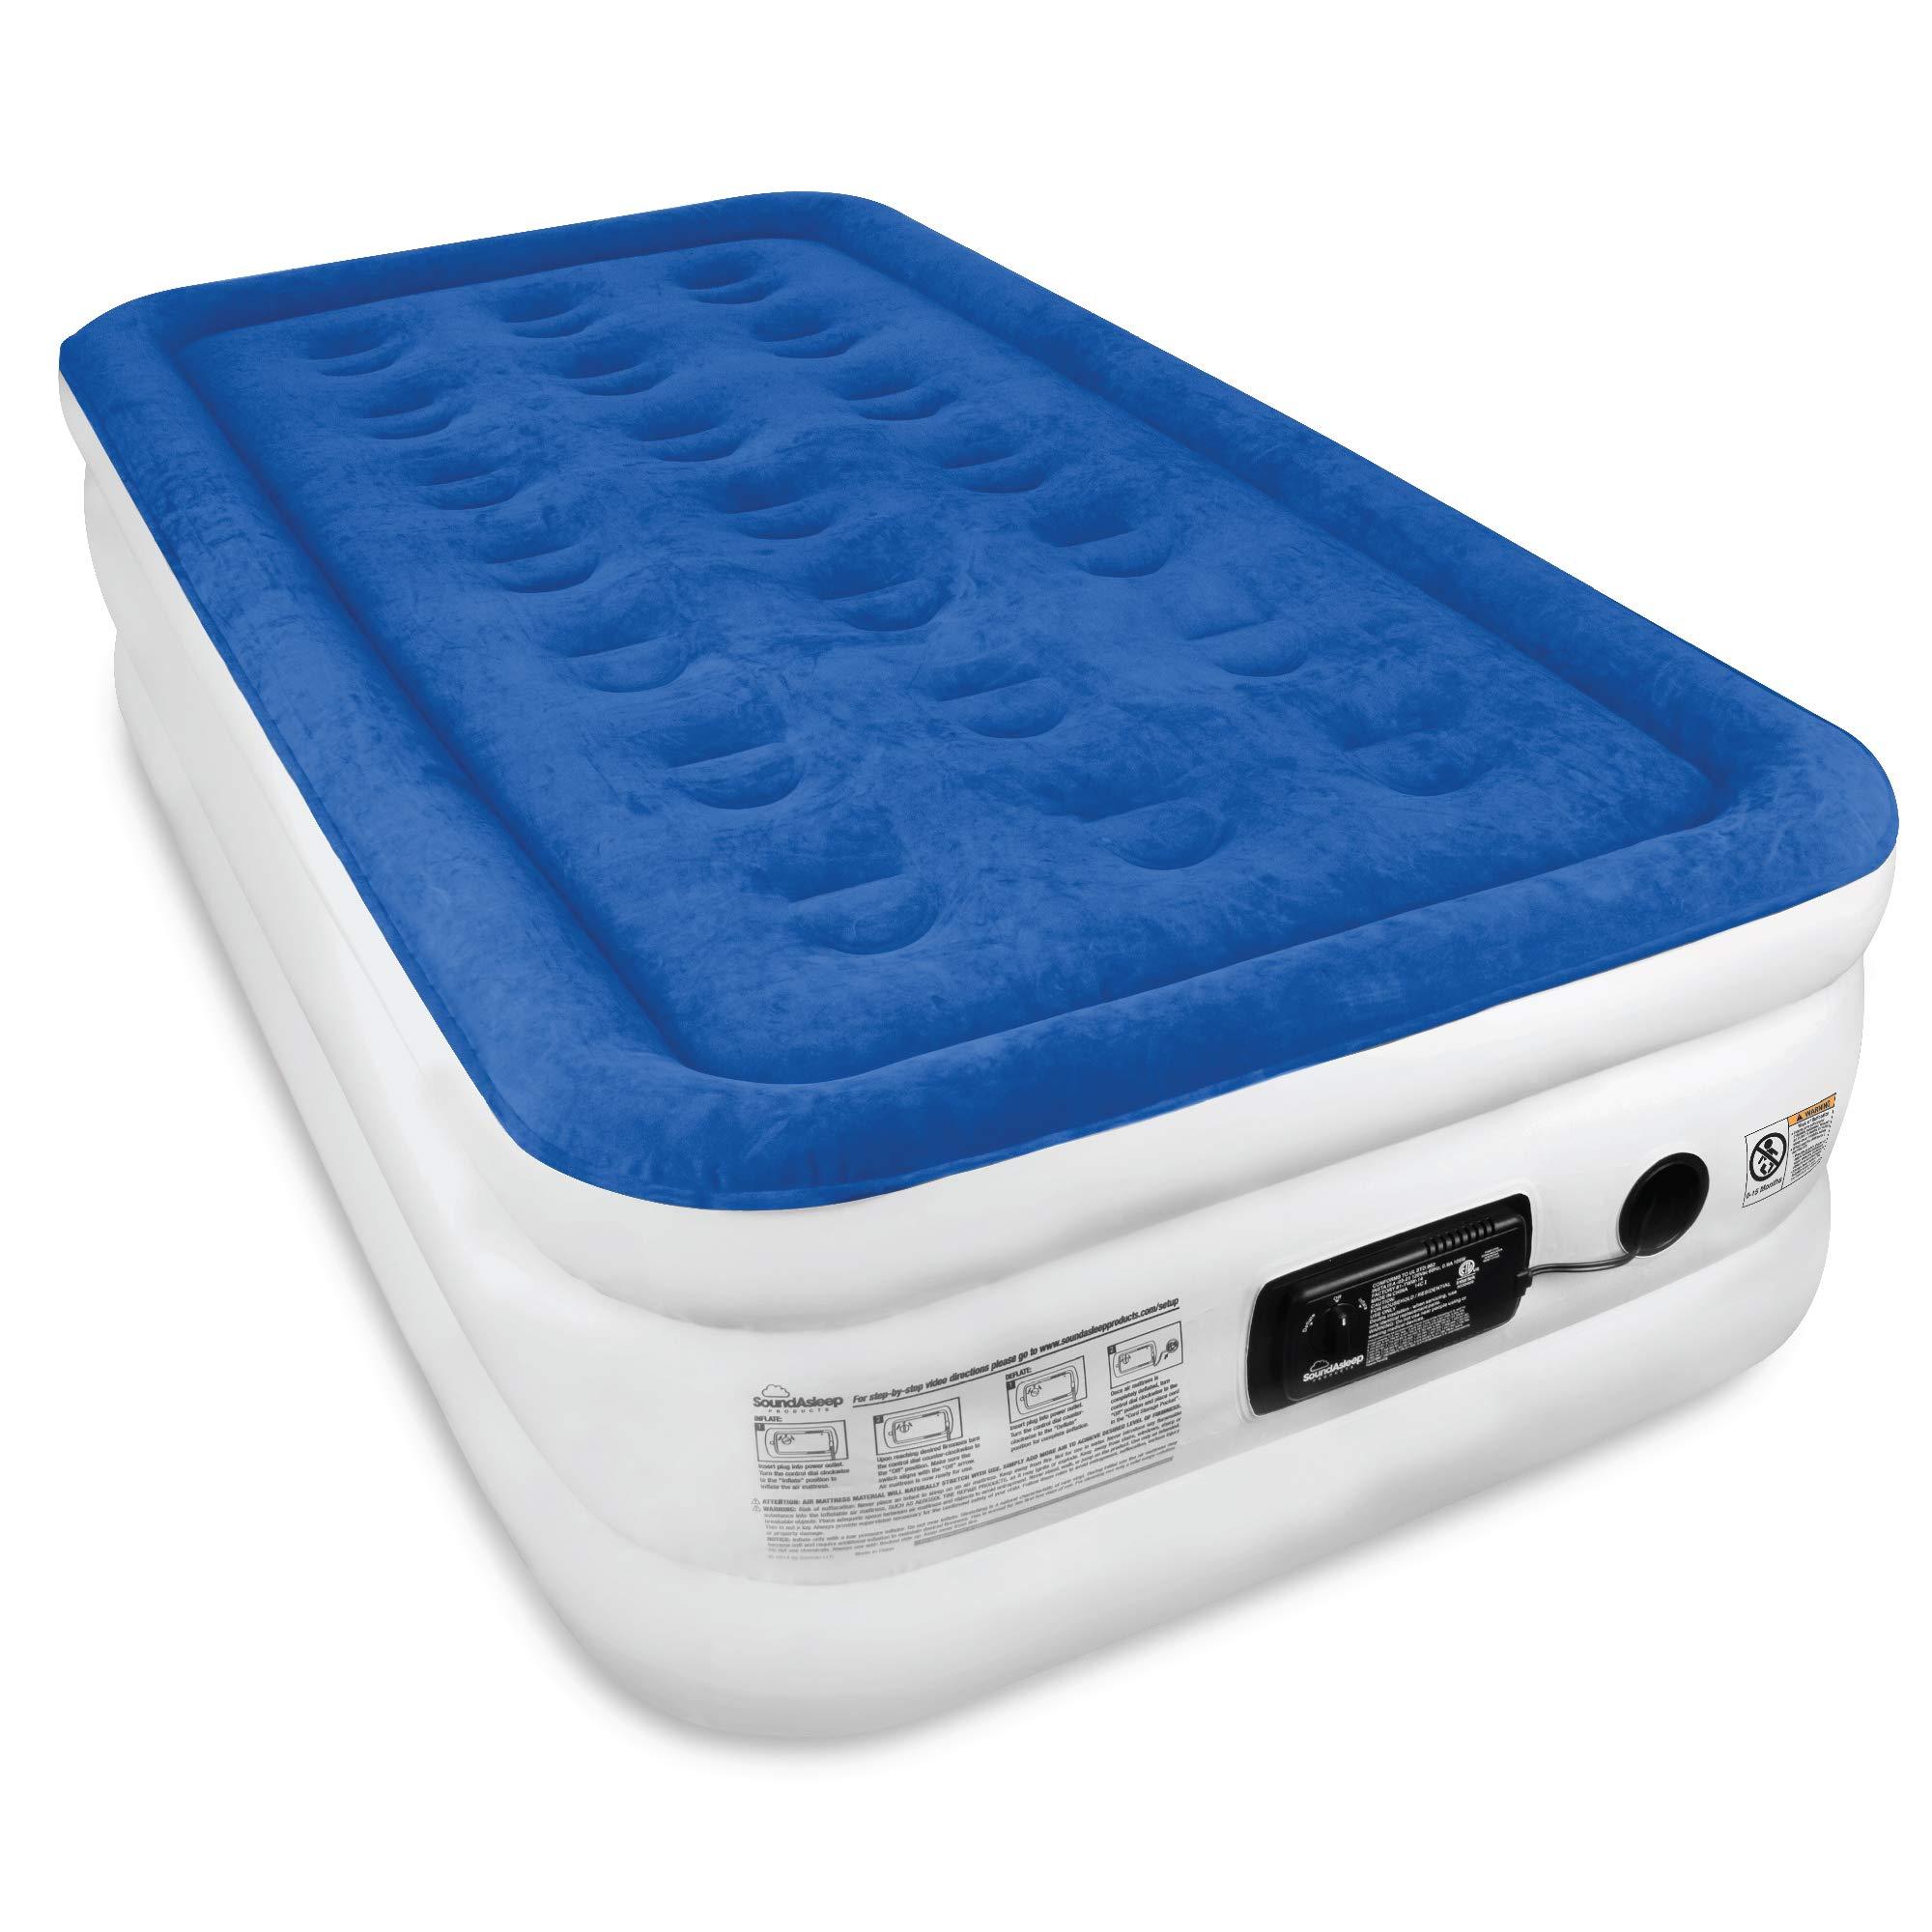 SoundAsleep Dream Series Air Mattress with ComfortCoil Technology & Internal High Capacity Pump – Twin Size